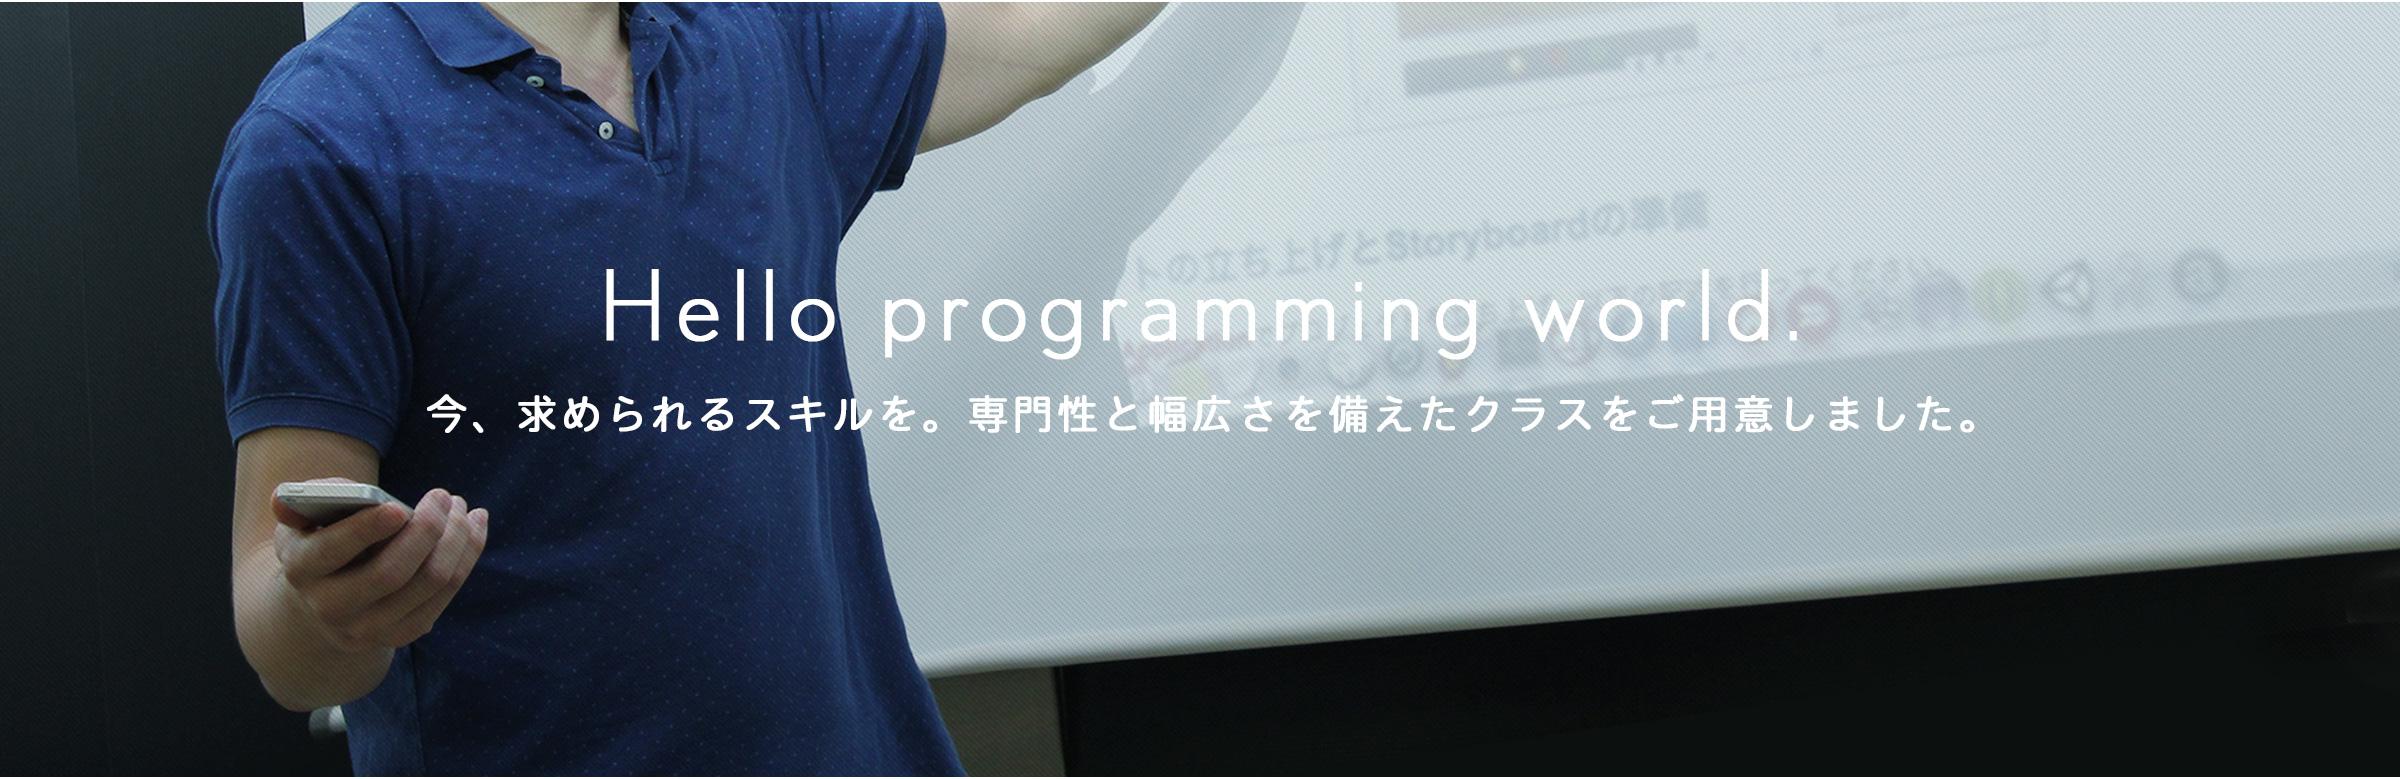 Hello programming world. 今、求められるスキルを。専門性と幅広さを備えたコースをご用意しました。